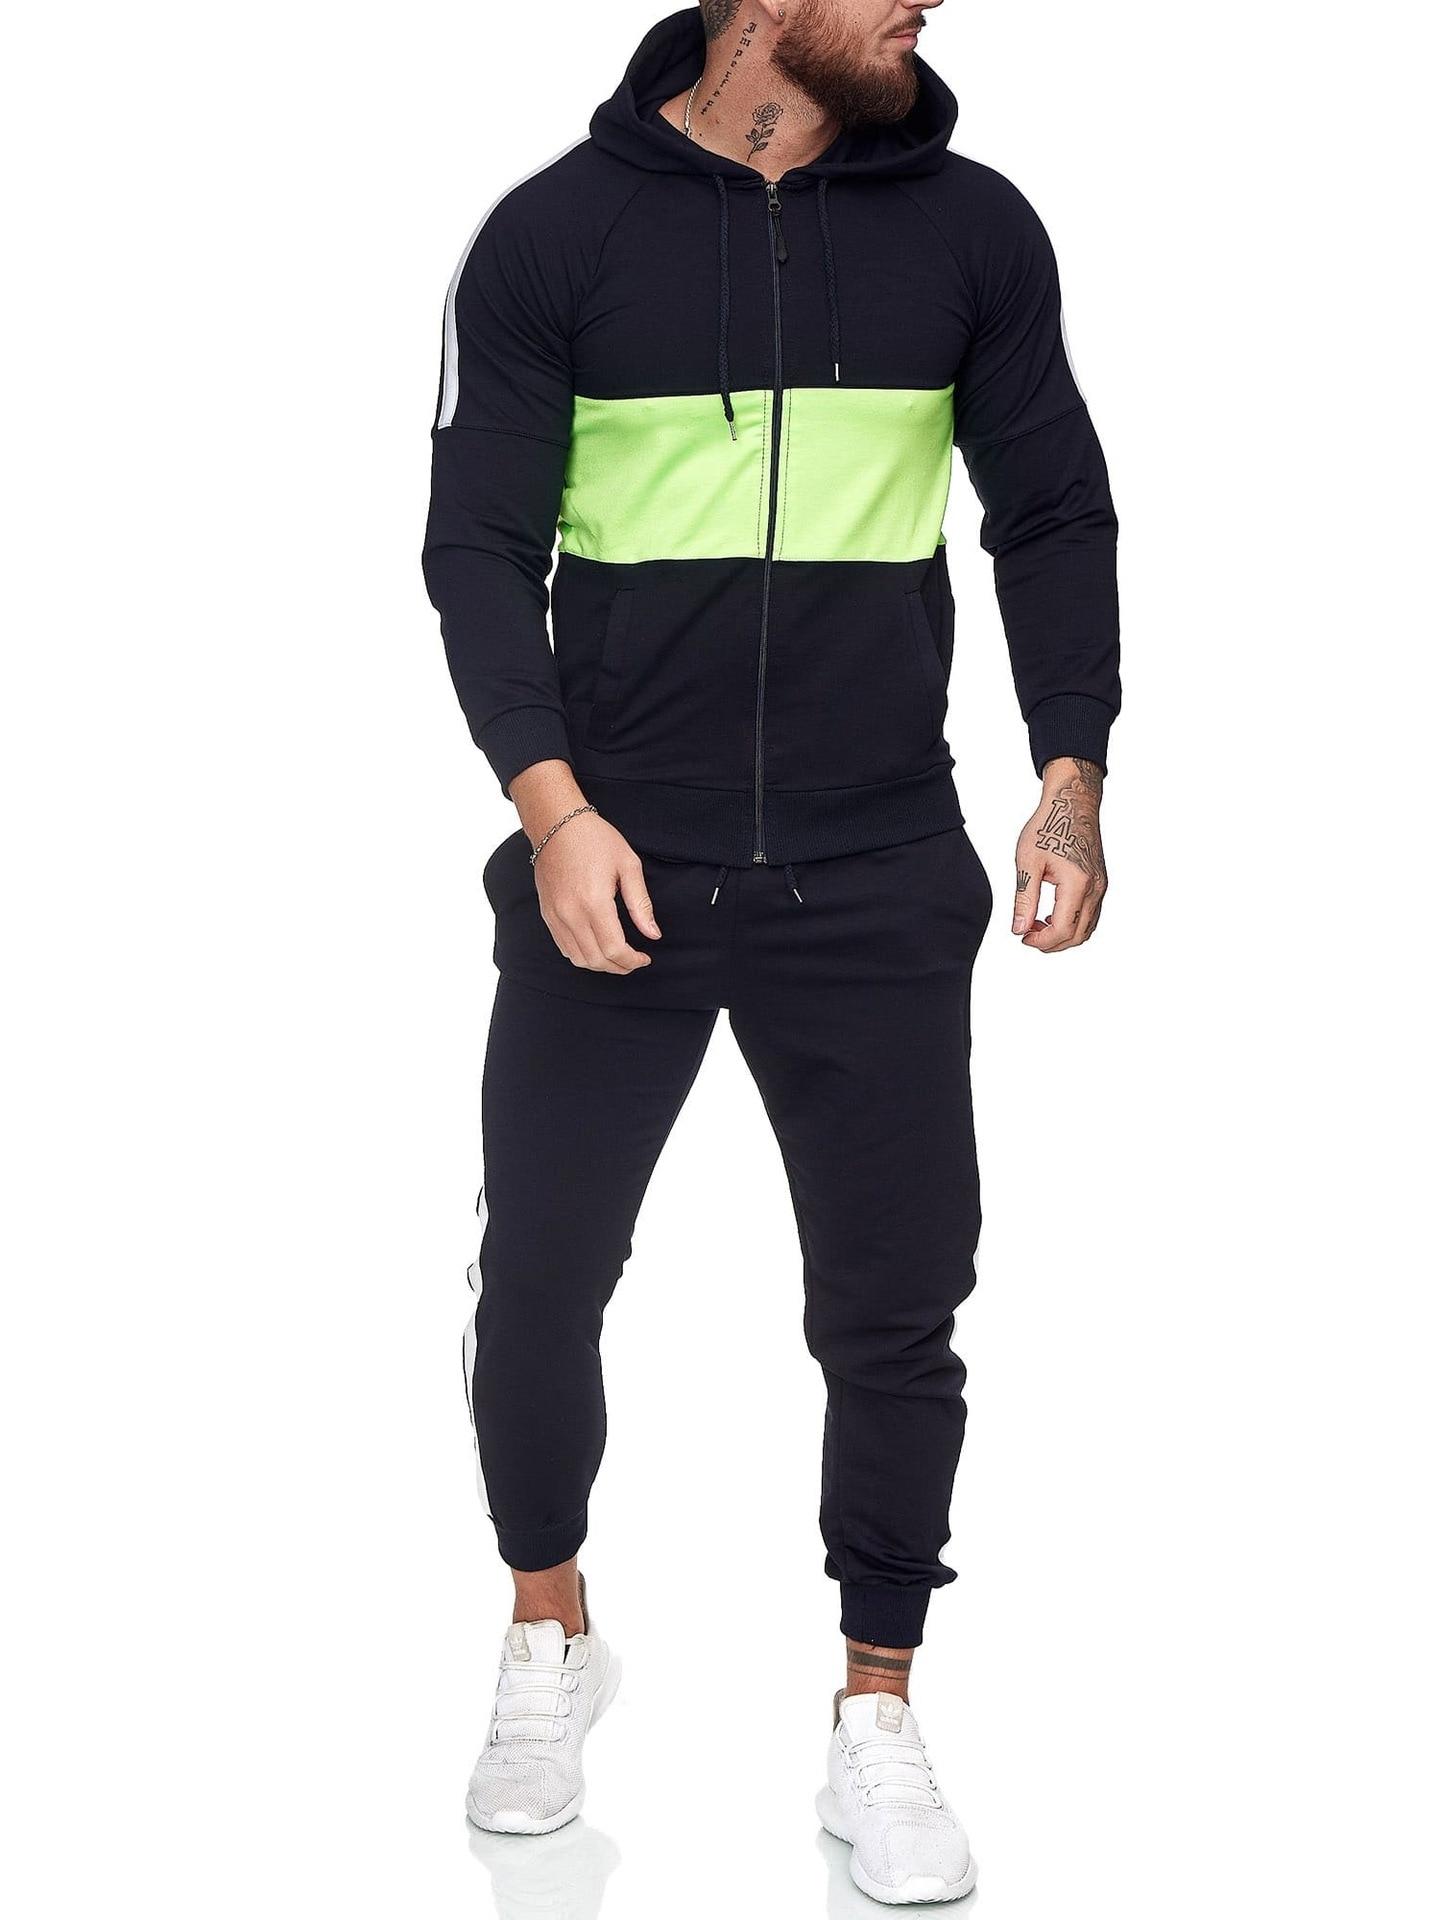 Мужской осенне-зимний новый мужской спортивный костюм с капюшоном и длинными рукавами модный мужской повседневный костюм для фитнеса